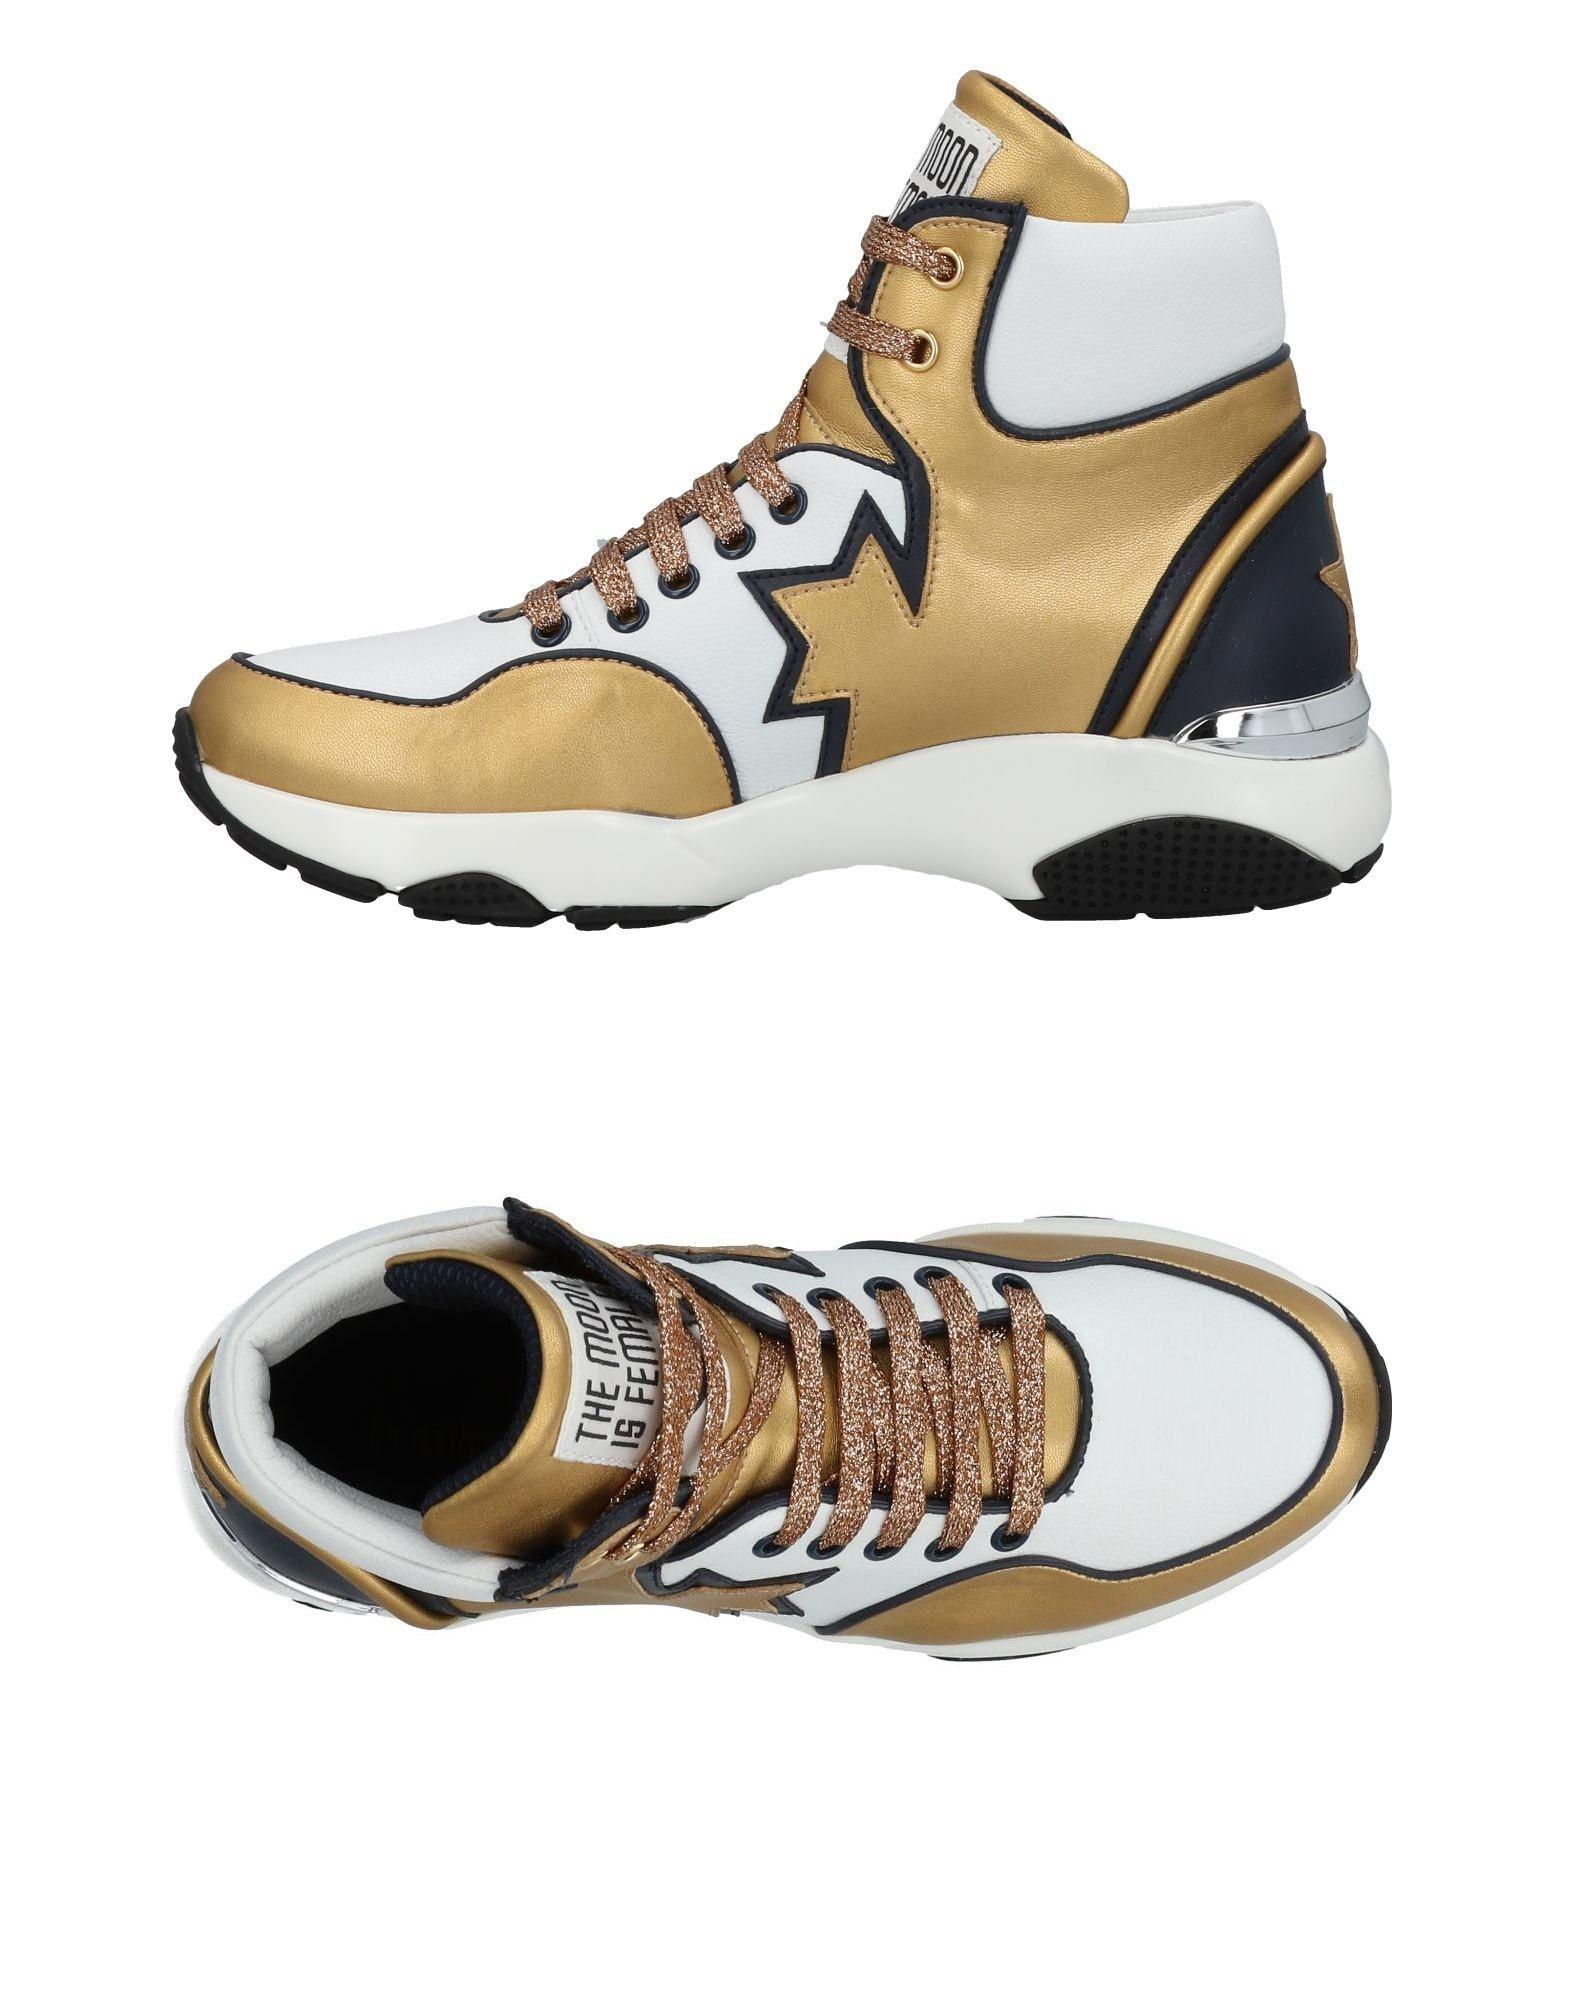 FOOTWEAR - High-tops & sneakers Frankie Morello oOyT1yOkf